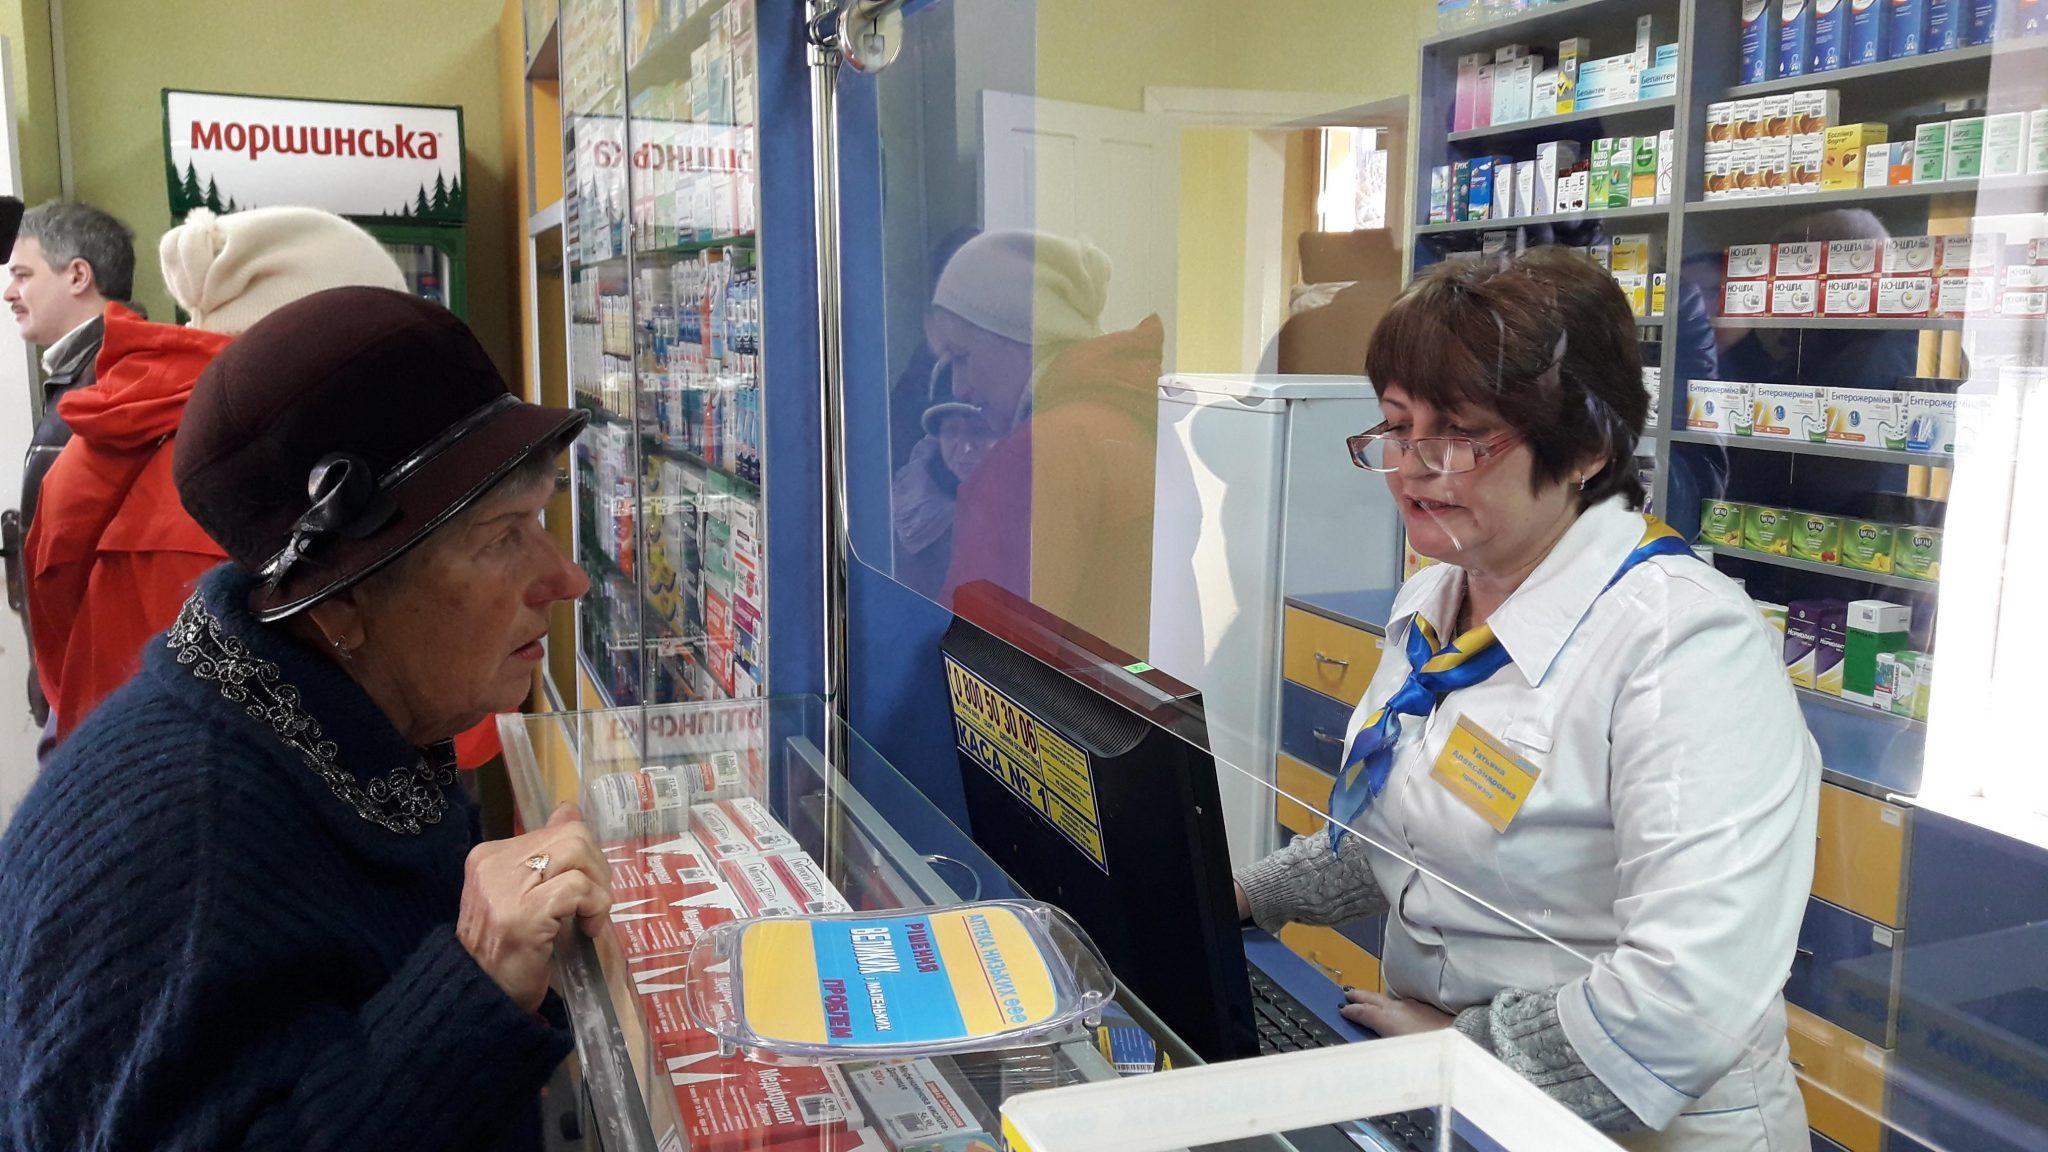 Всем бесплатные лекарства: в России предлагают новую льготу для пенсионеров